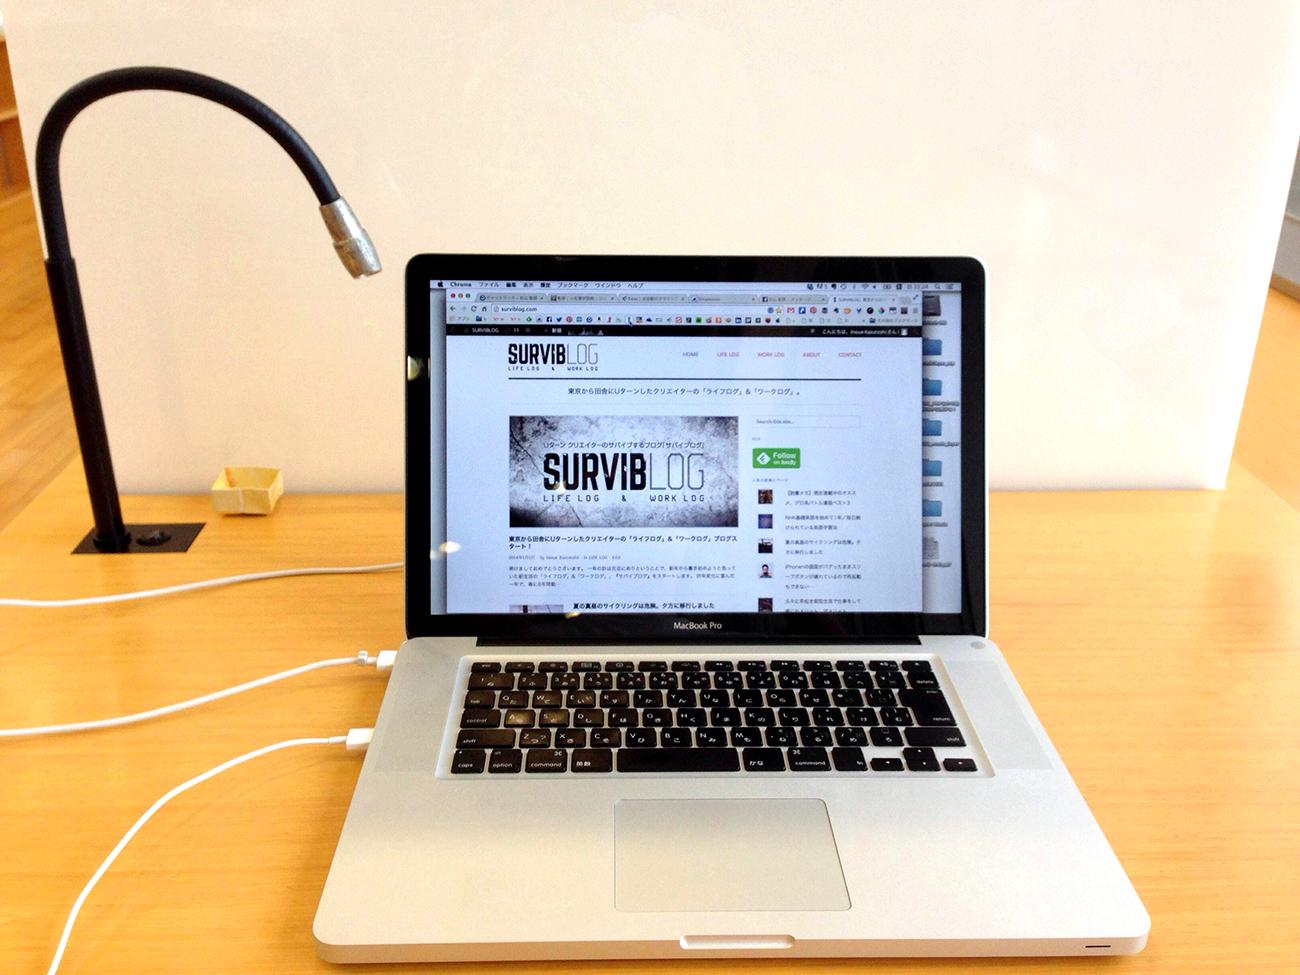 図書館でMacで作業